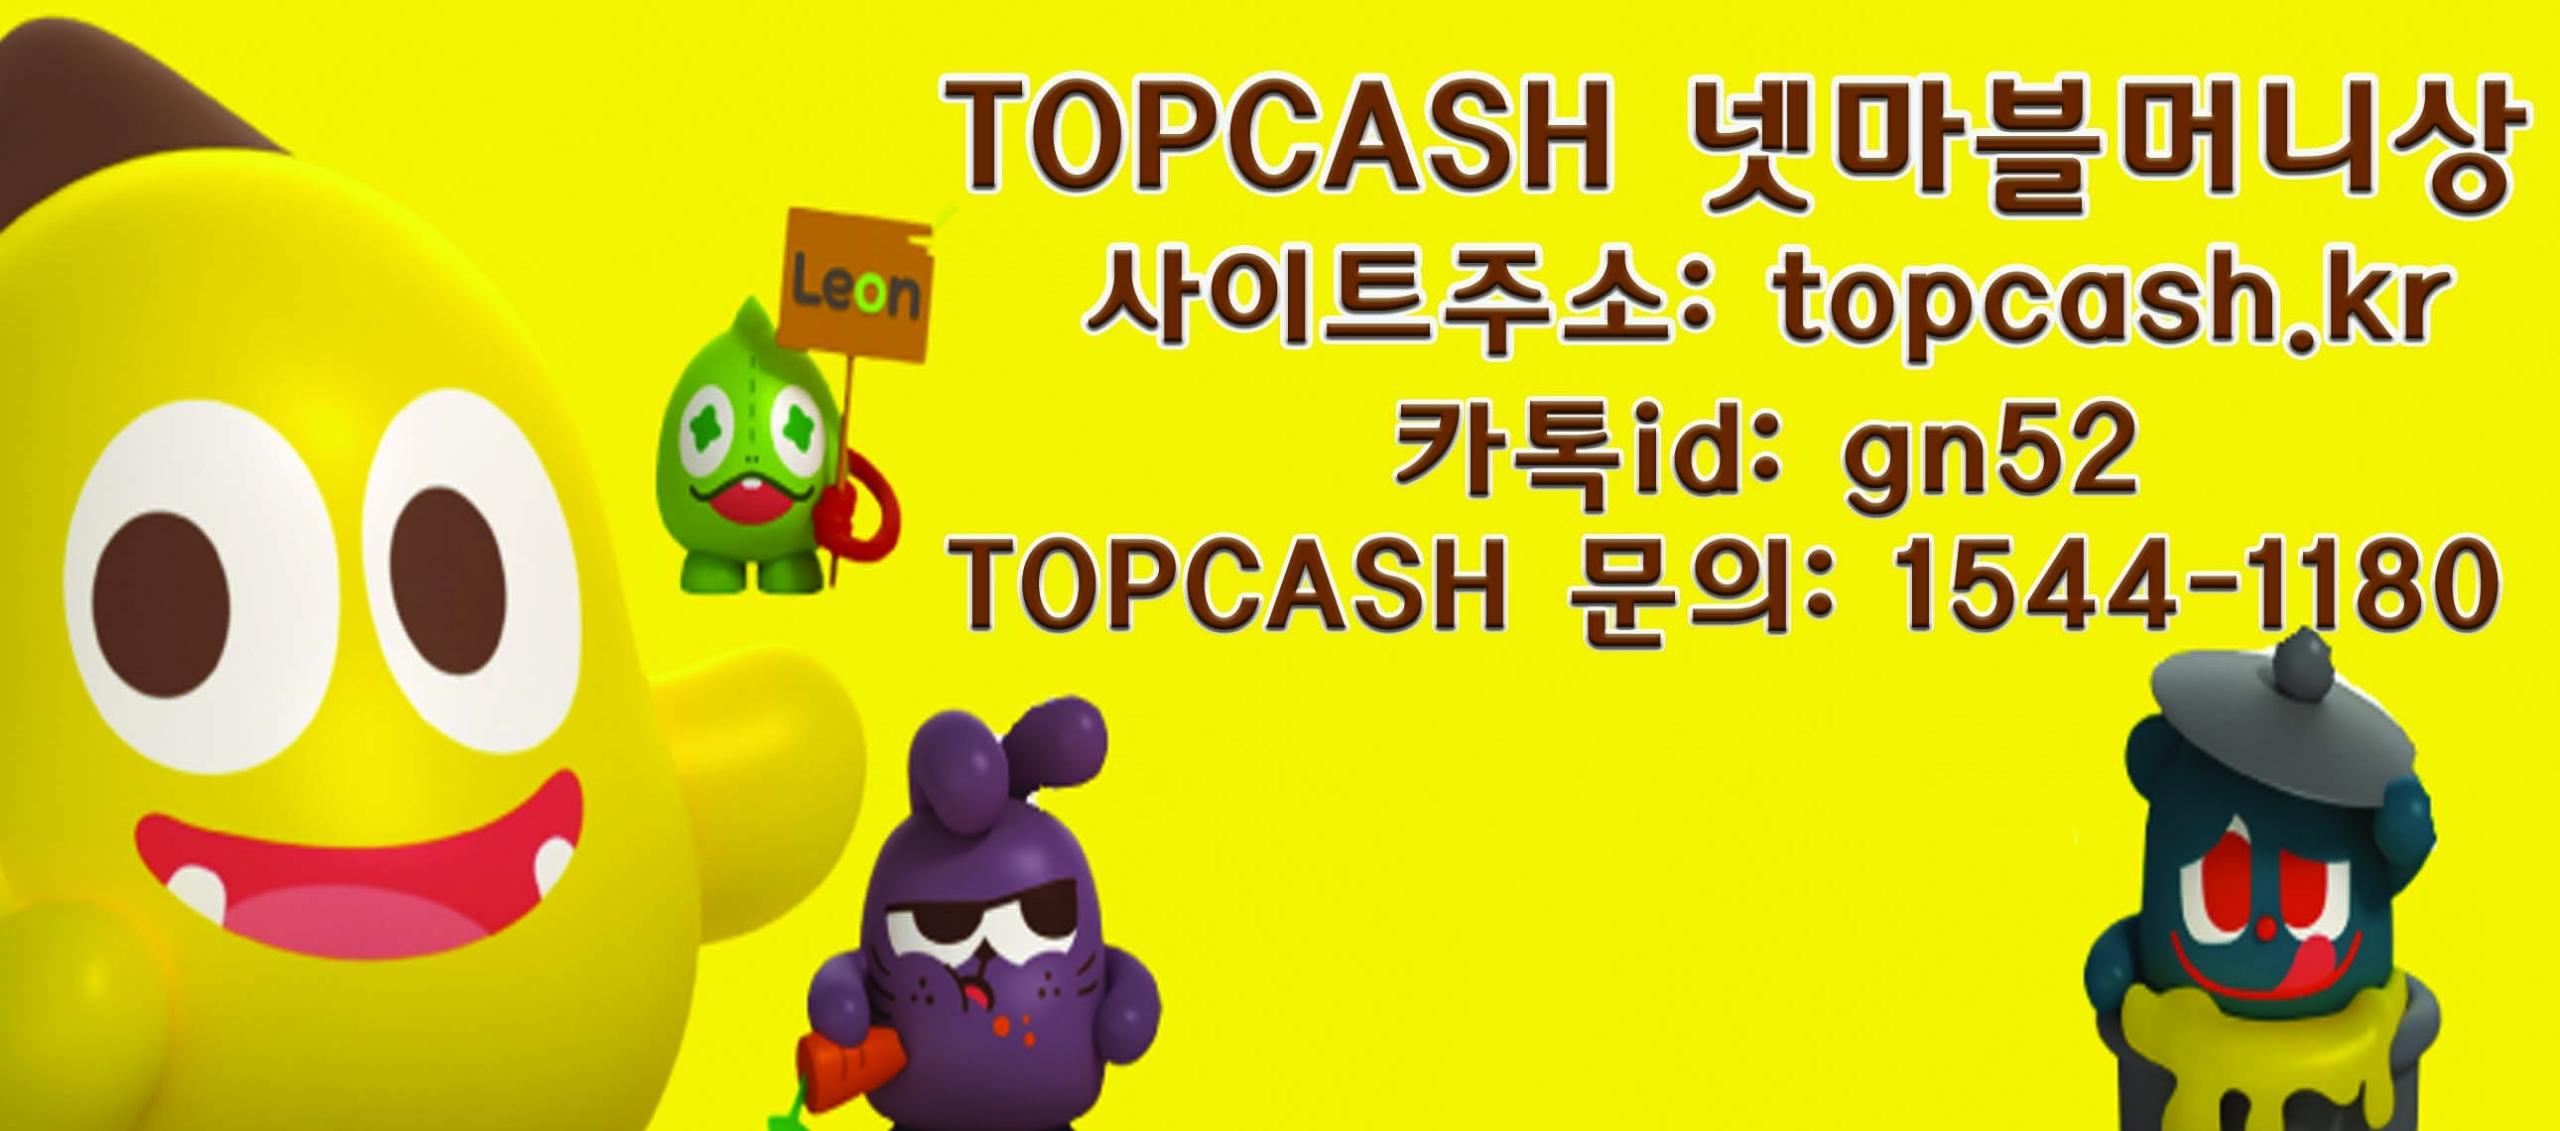 머니상 TOPCASH닷kr (@sptakqmf09) Cover Image